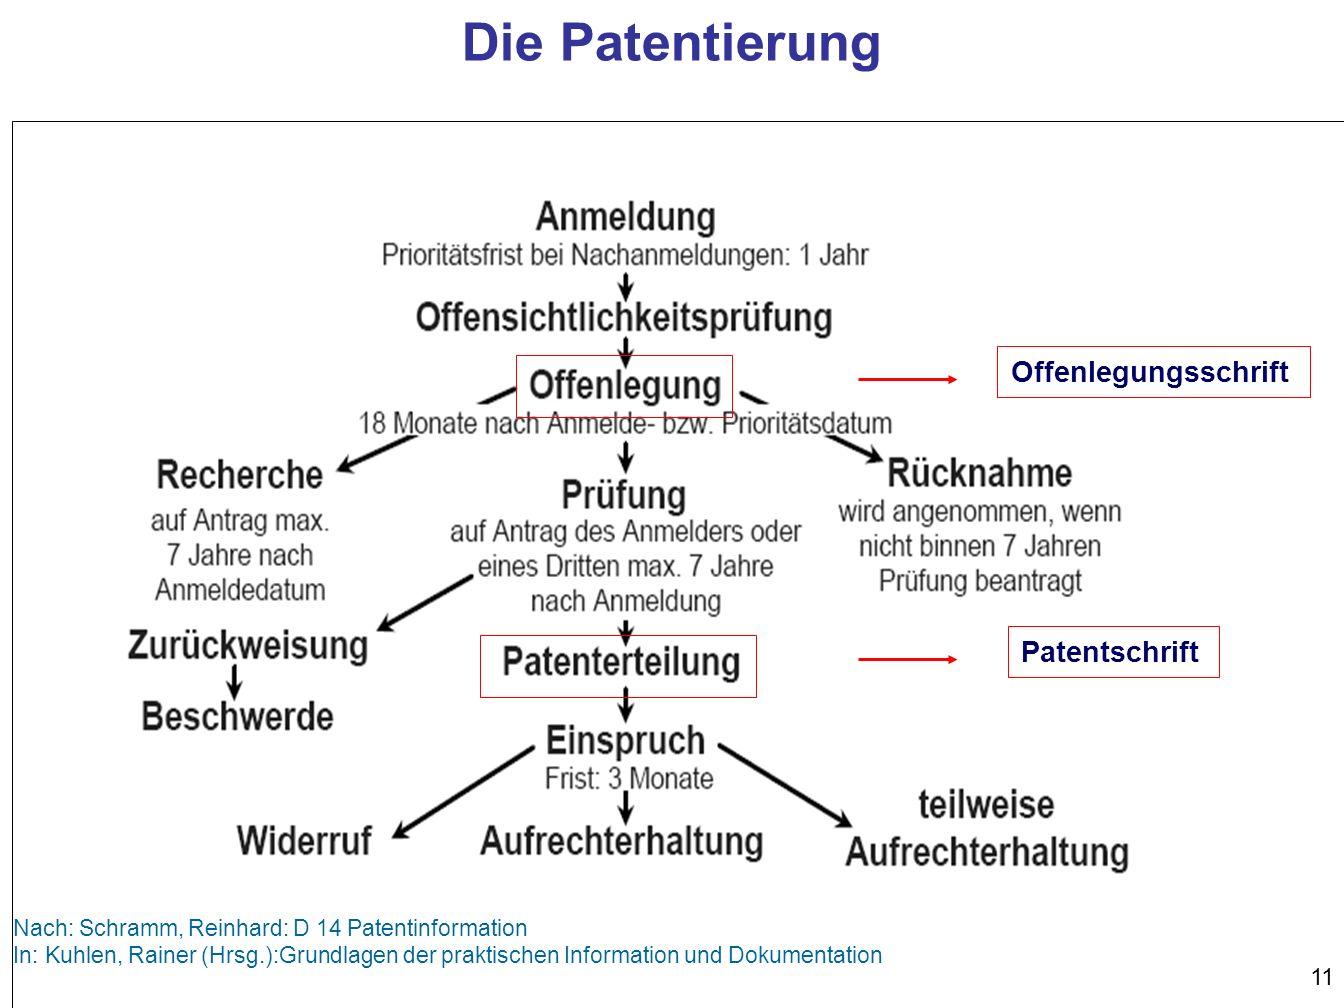 11 Offenlegungsschrift Patentschrift Nach: Schramm, Reinhard: D 14 Patentinformation In: Kuhlen, Rainer (Hrsg.):Grundlagen der praktischen Information und Dokumentation Die Patentierung